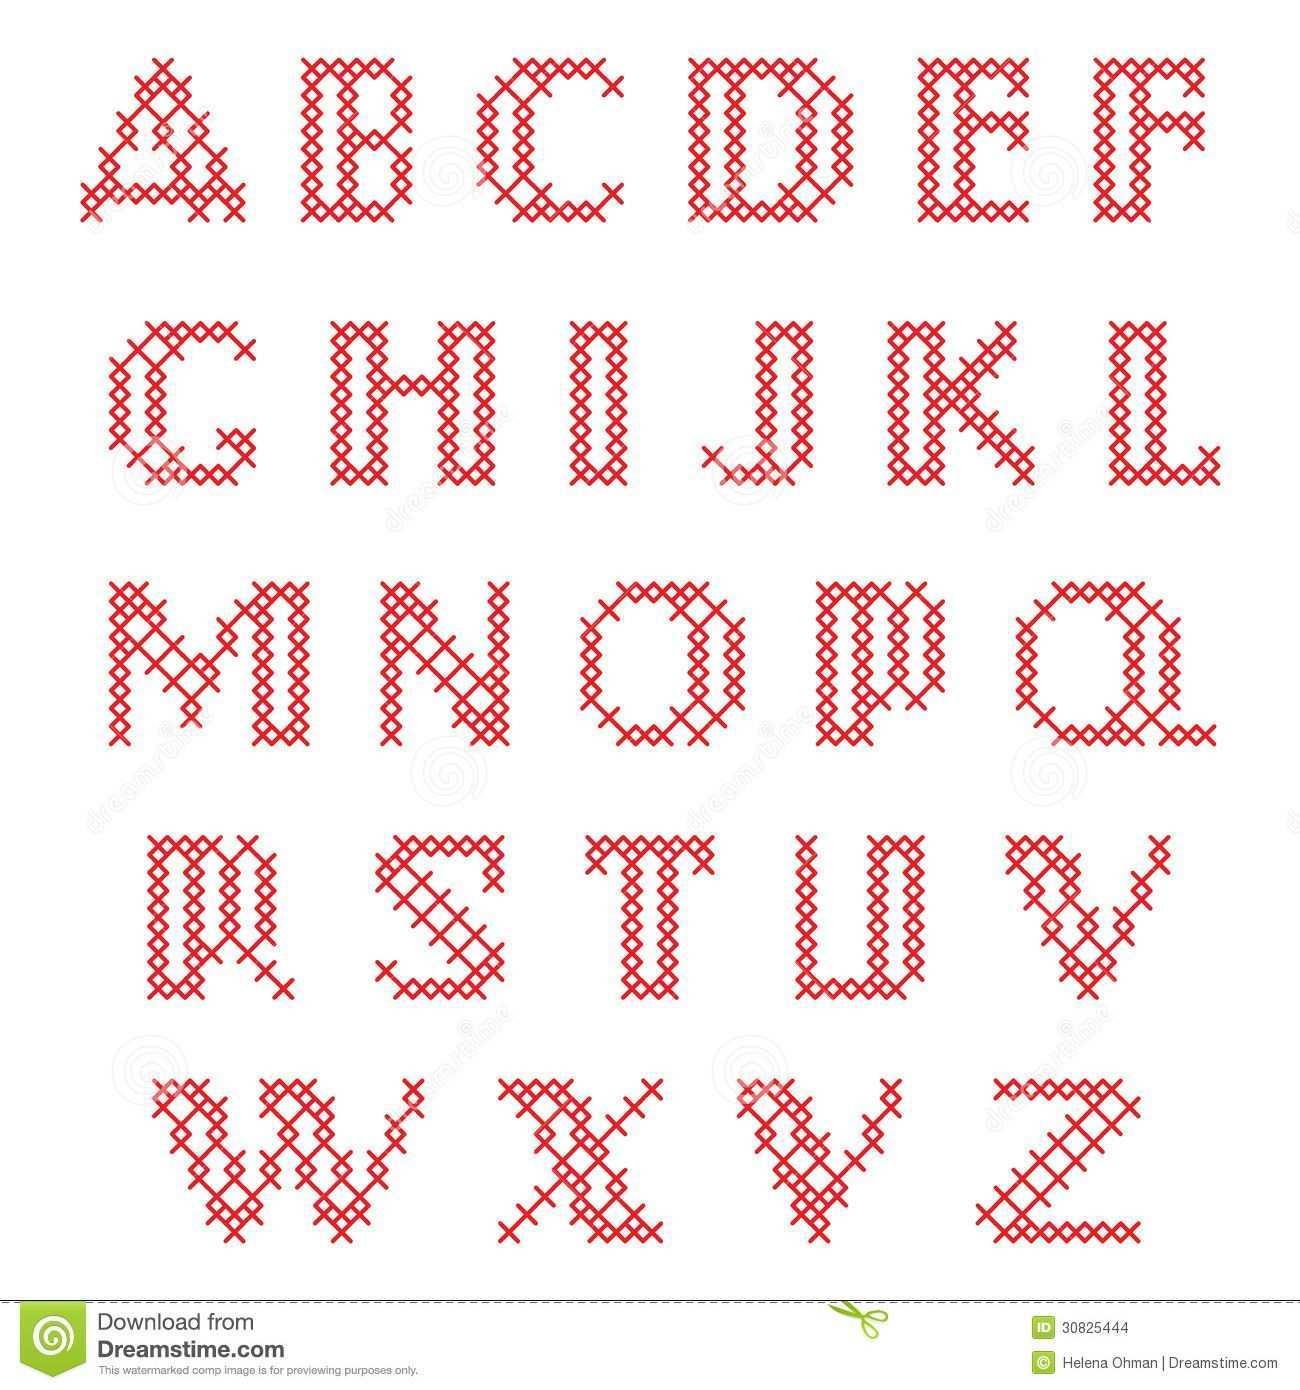 Kreuzstich Alphabet Kreuzstich Buchstaben Sticken Alphabet Sticken